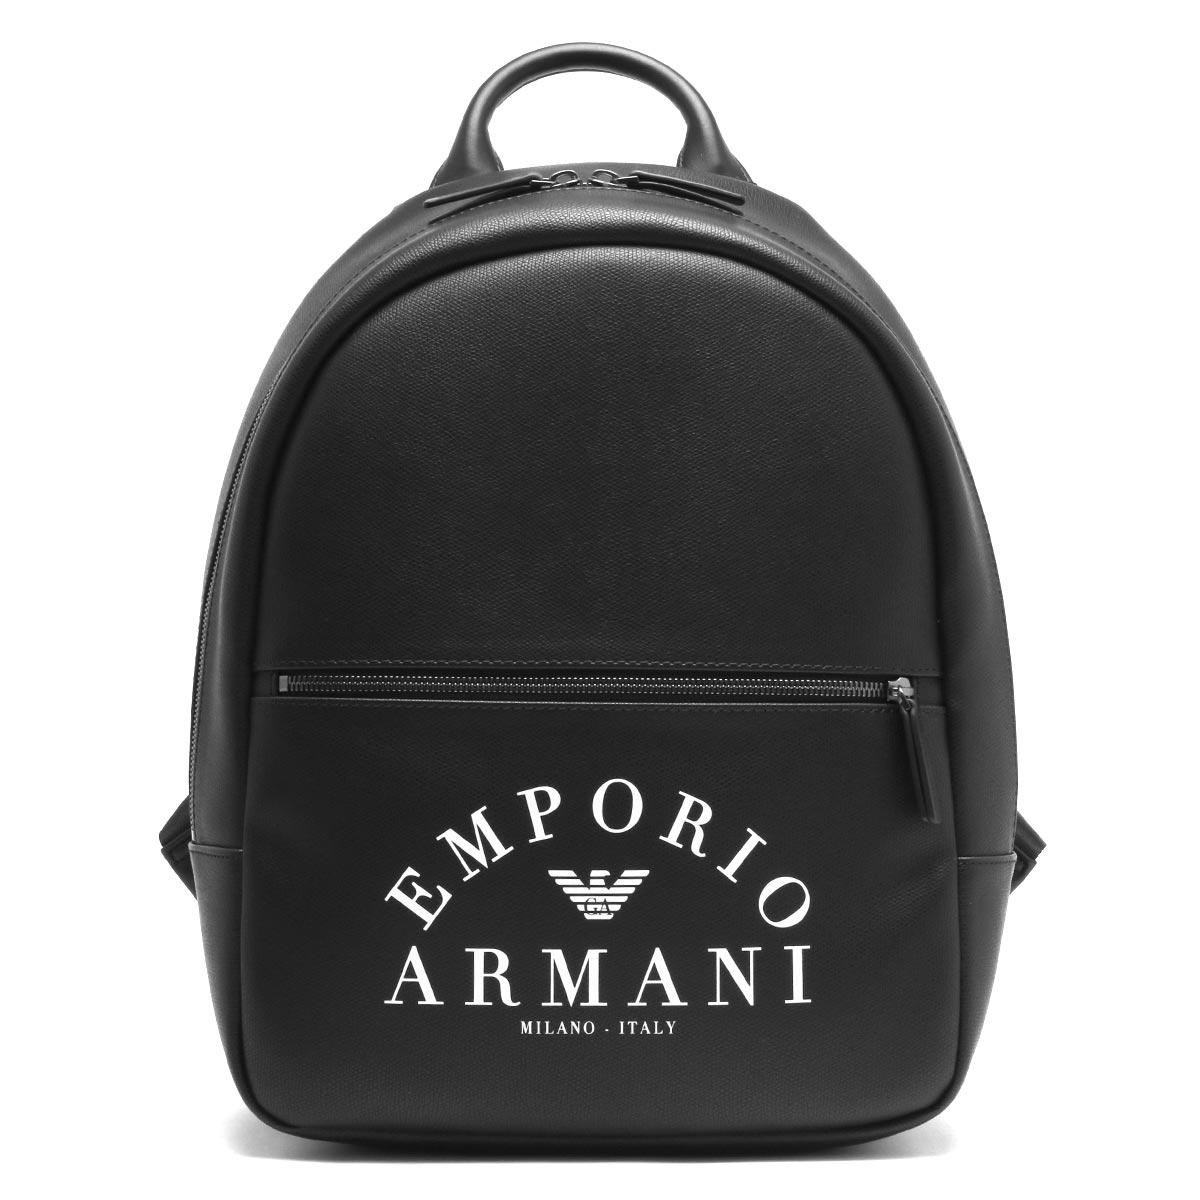 エンポリオアルマーニ リュックサック/バックパック バッグ メンズ イーグルマーク ブラック Y4O165 YFE5J 83896 2019年秋冬新作 EMPORIO ARMANI